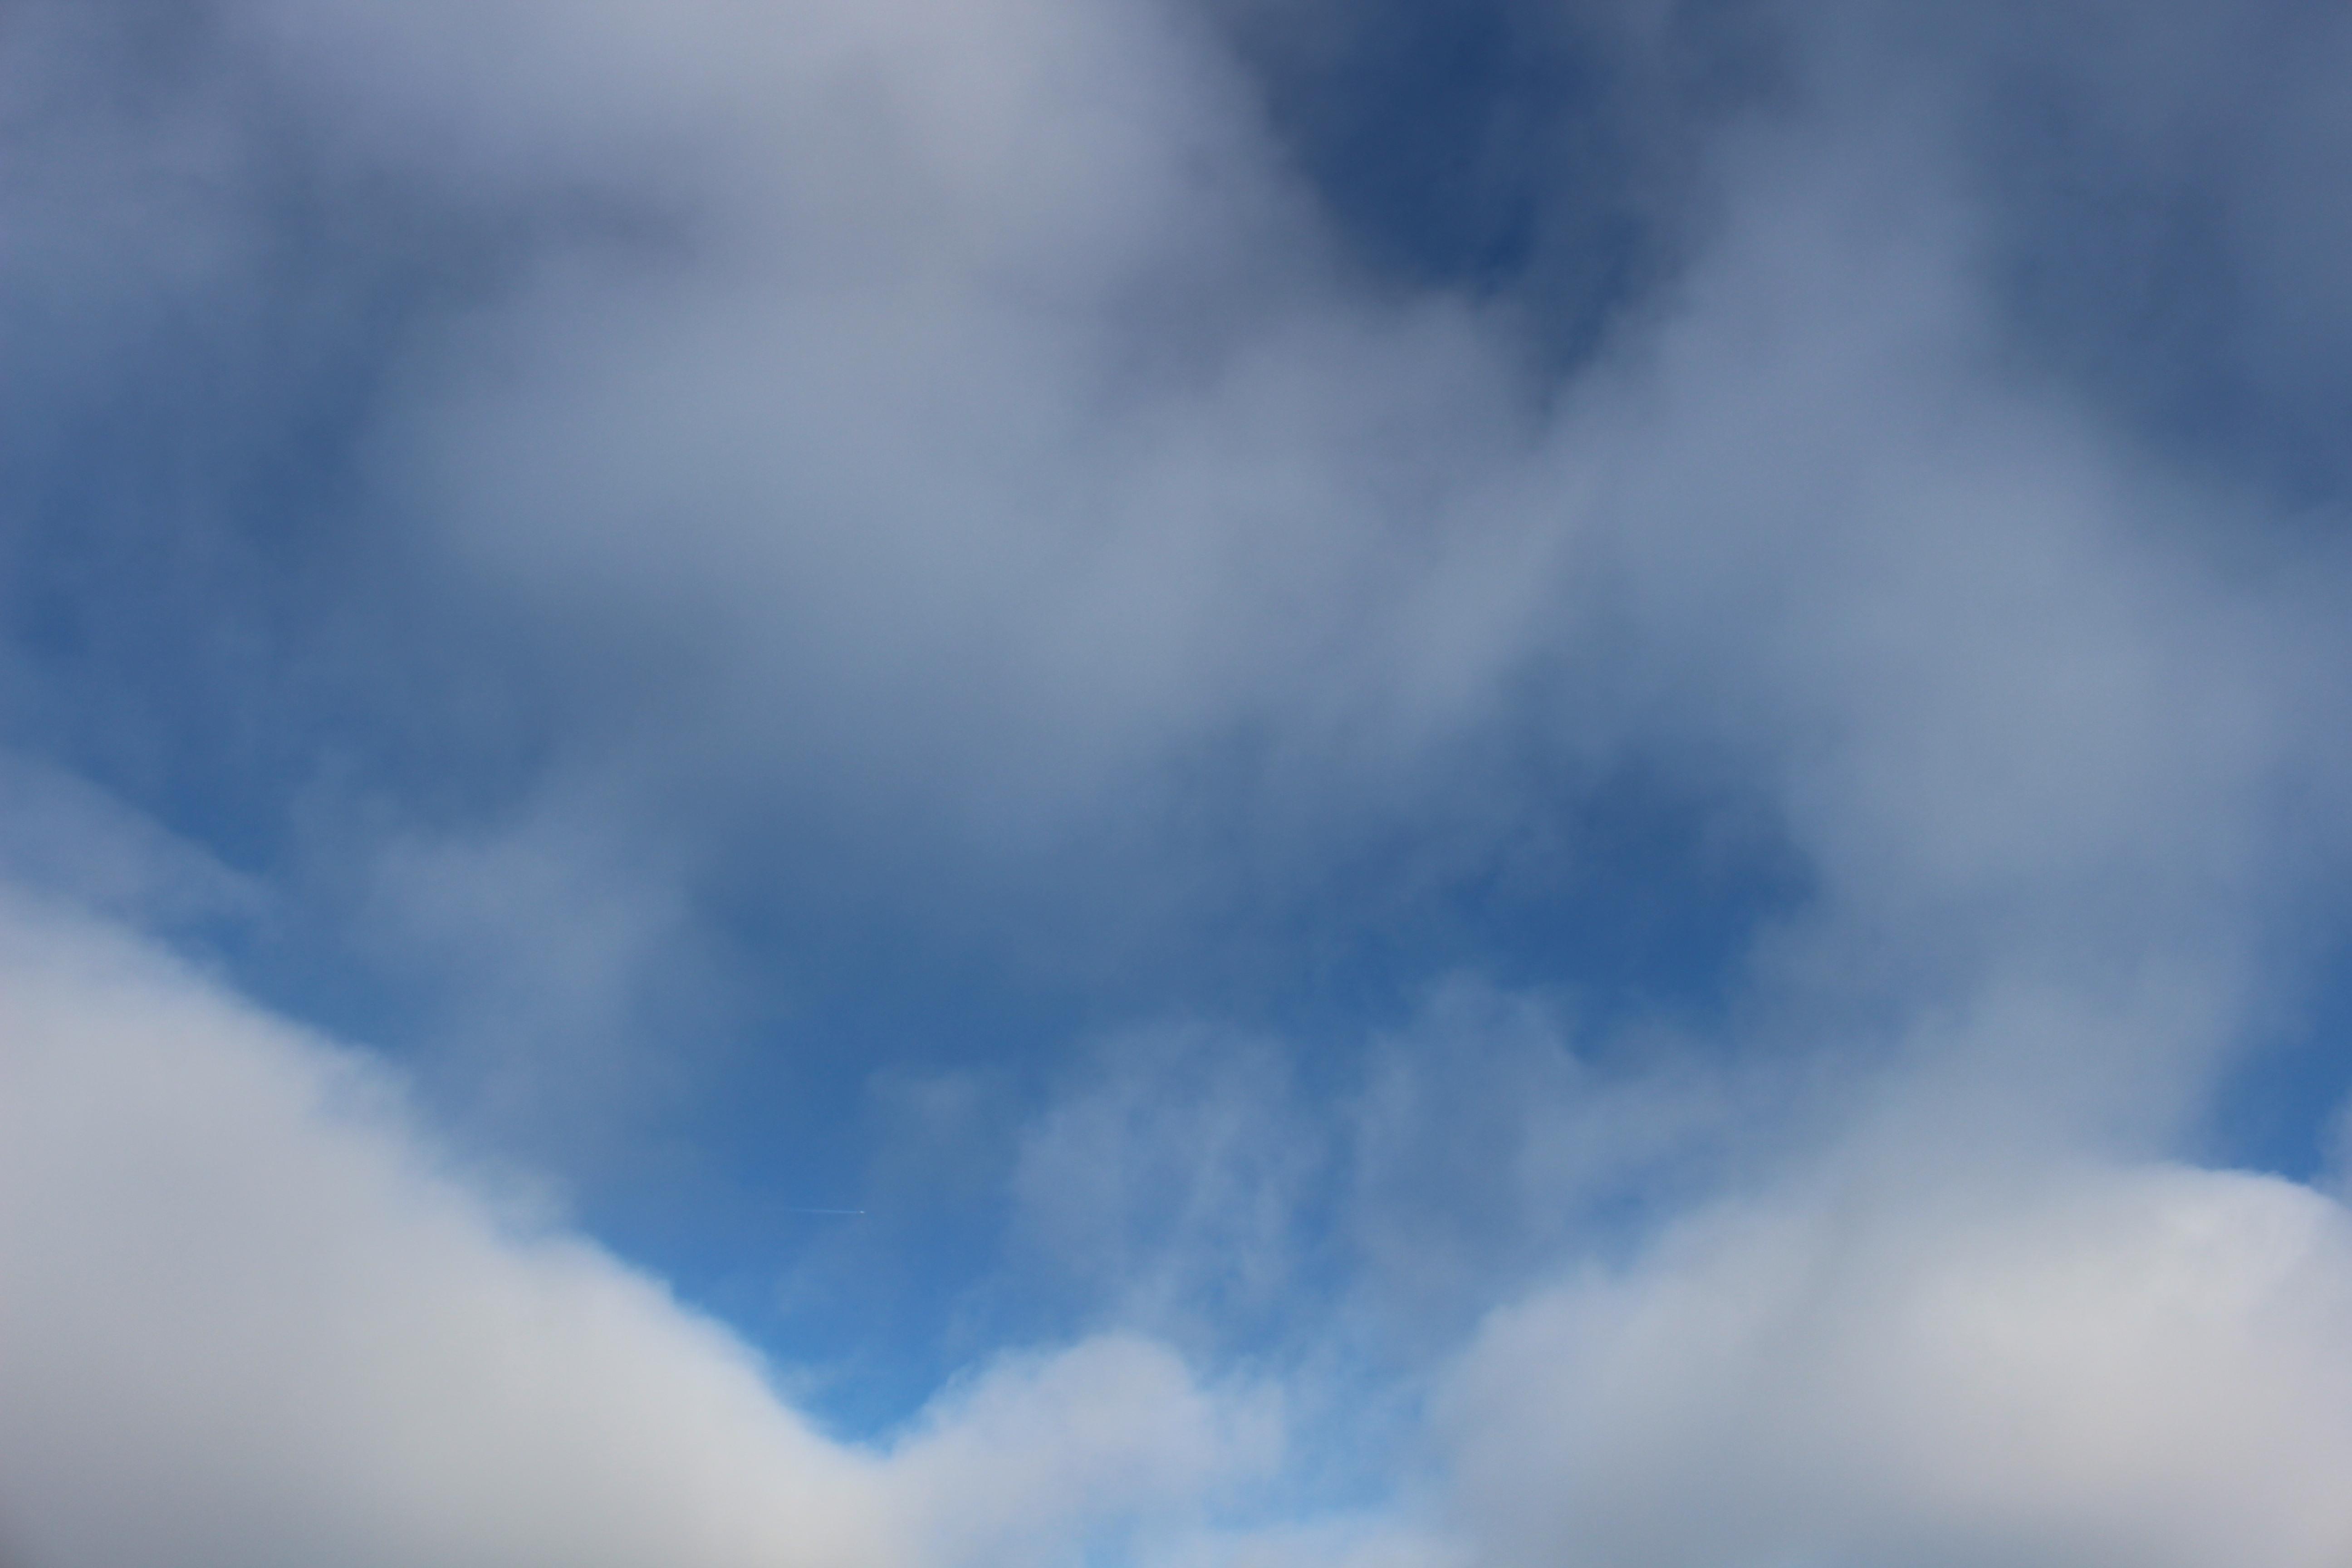 Raus aus dem diffusen Nebel – Sorgen Sie für Klarheit!